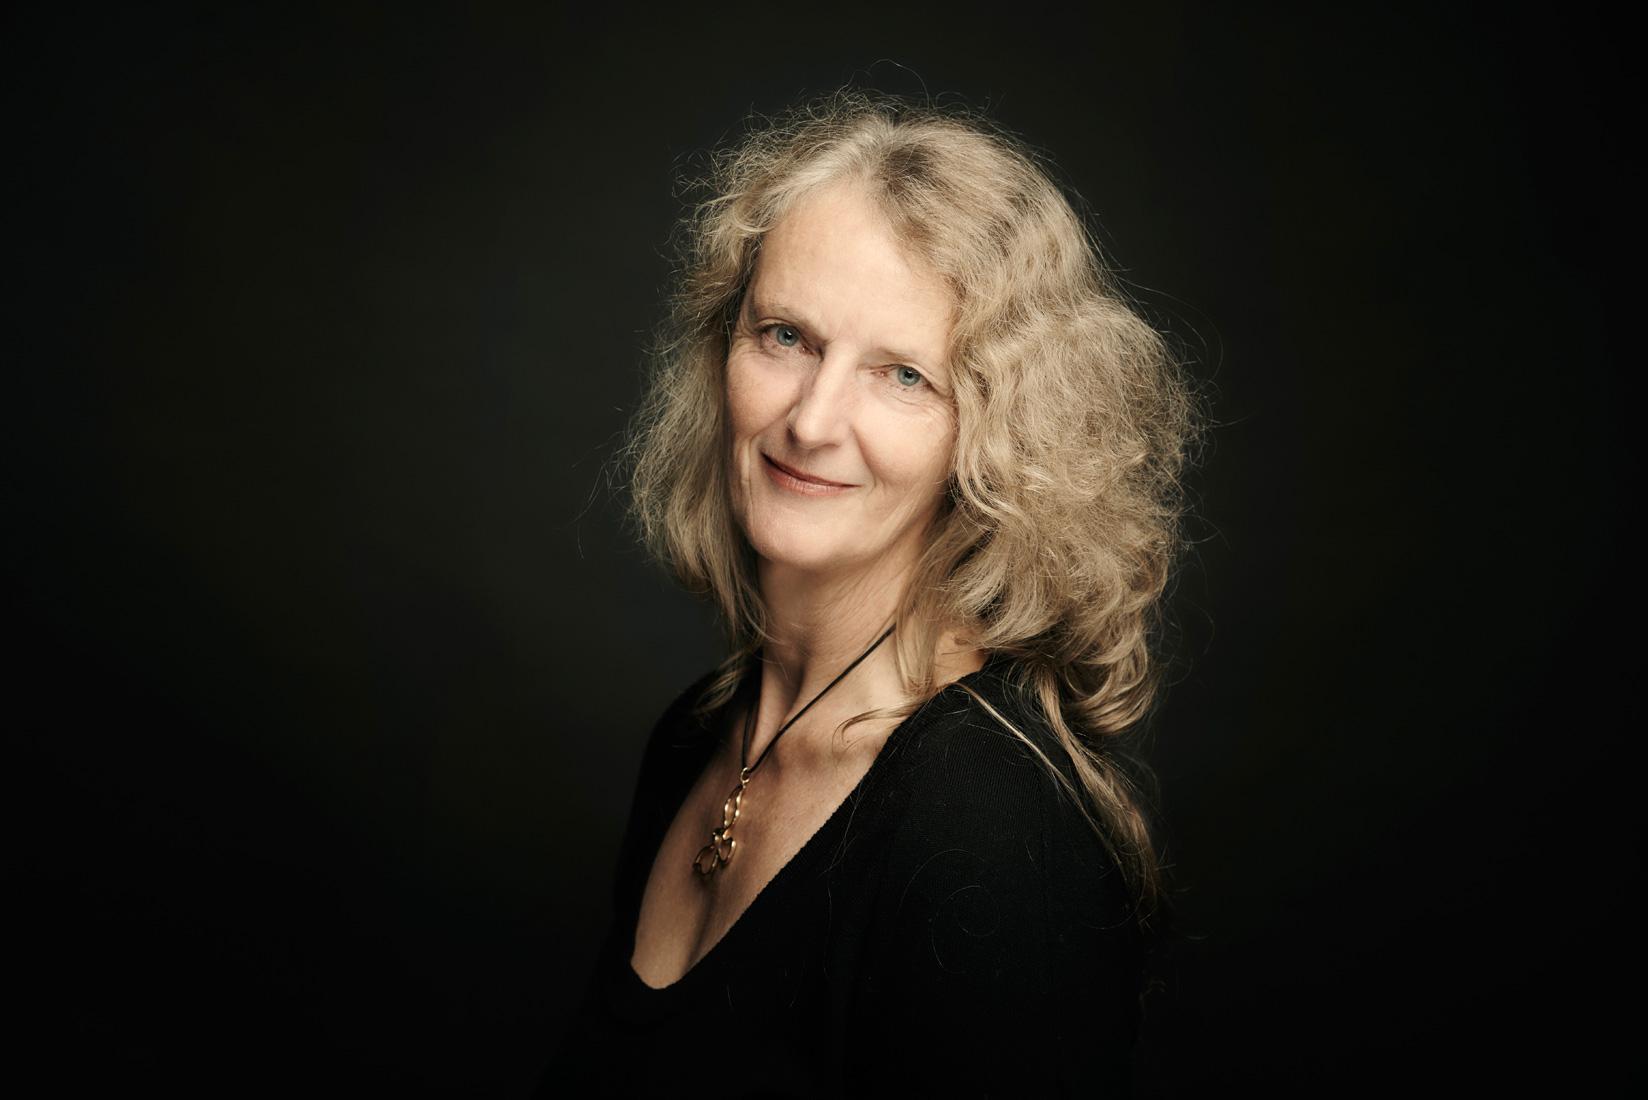 Birgit Renate Schmidt